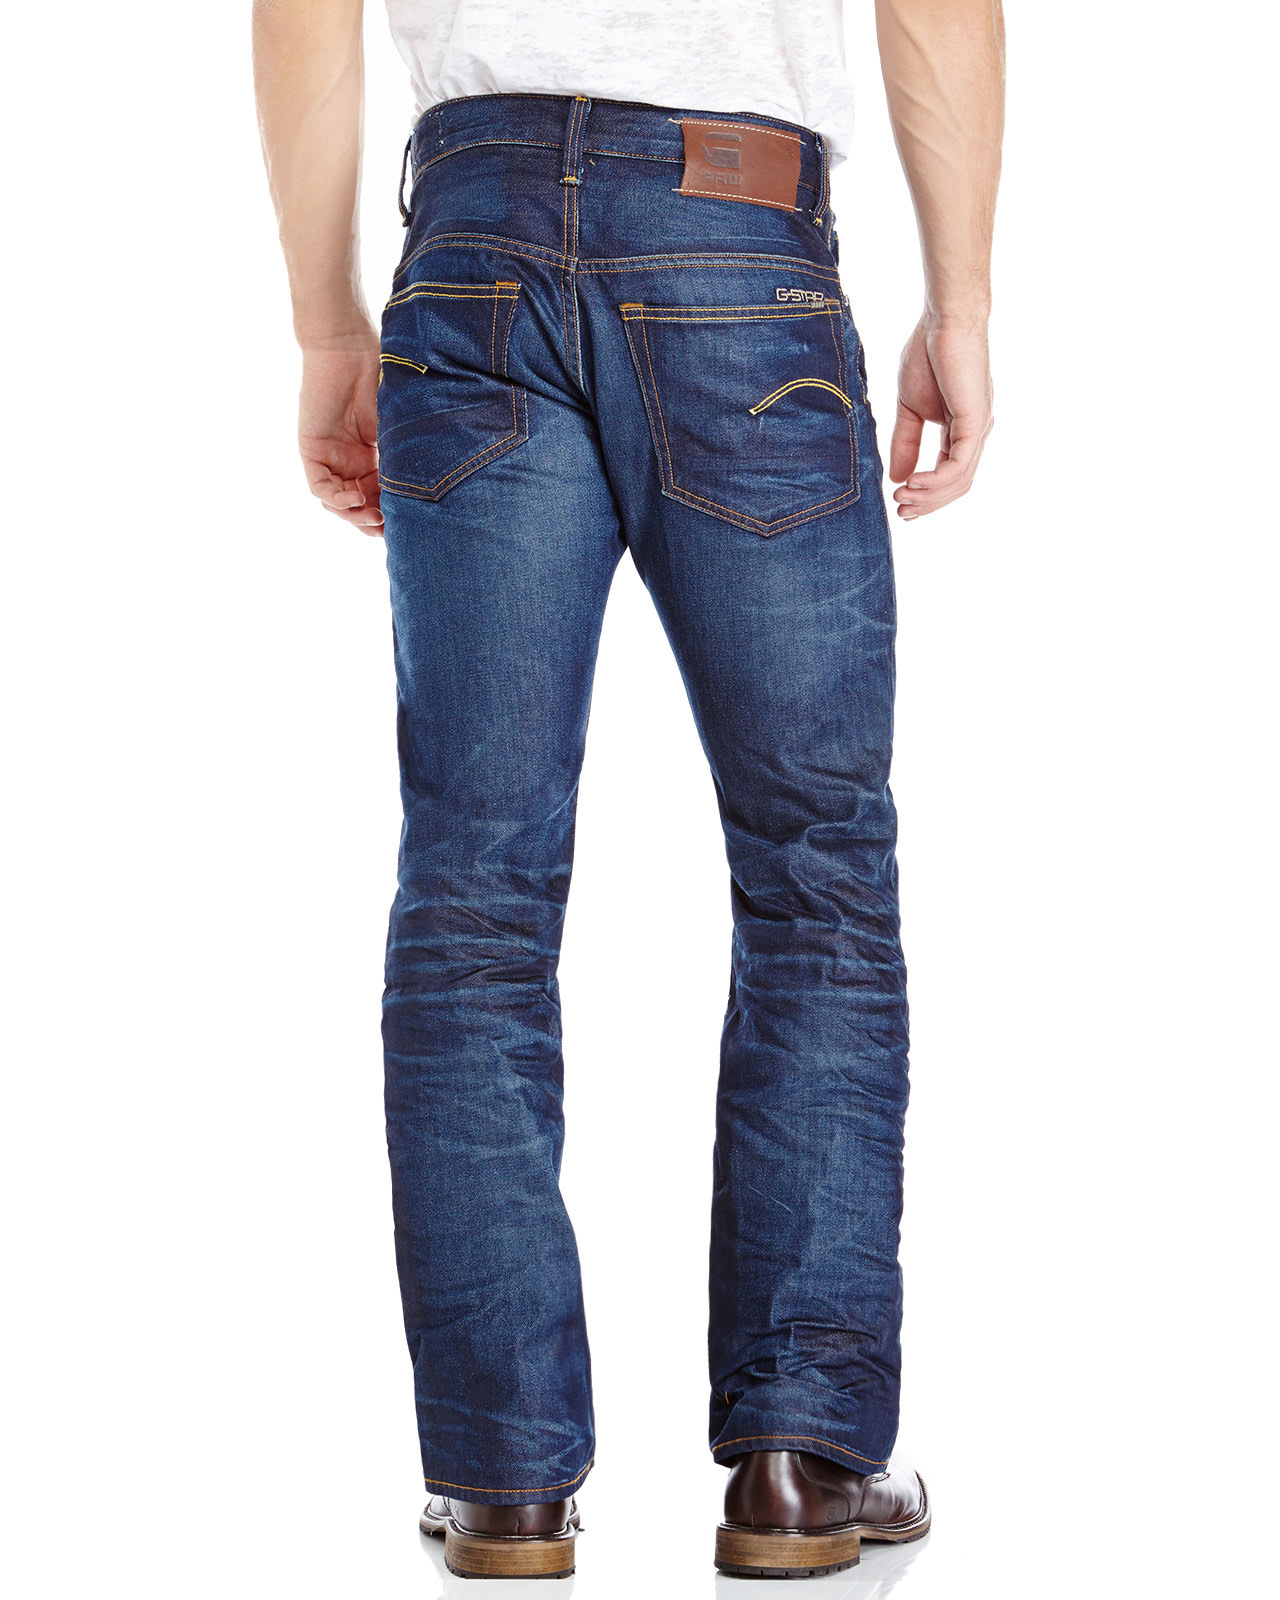 4f288a7b33c G-Star RAW Dark Wash 3301 Bootcut Jeans in Blue for Men - Lyst